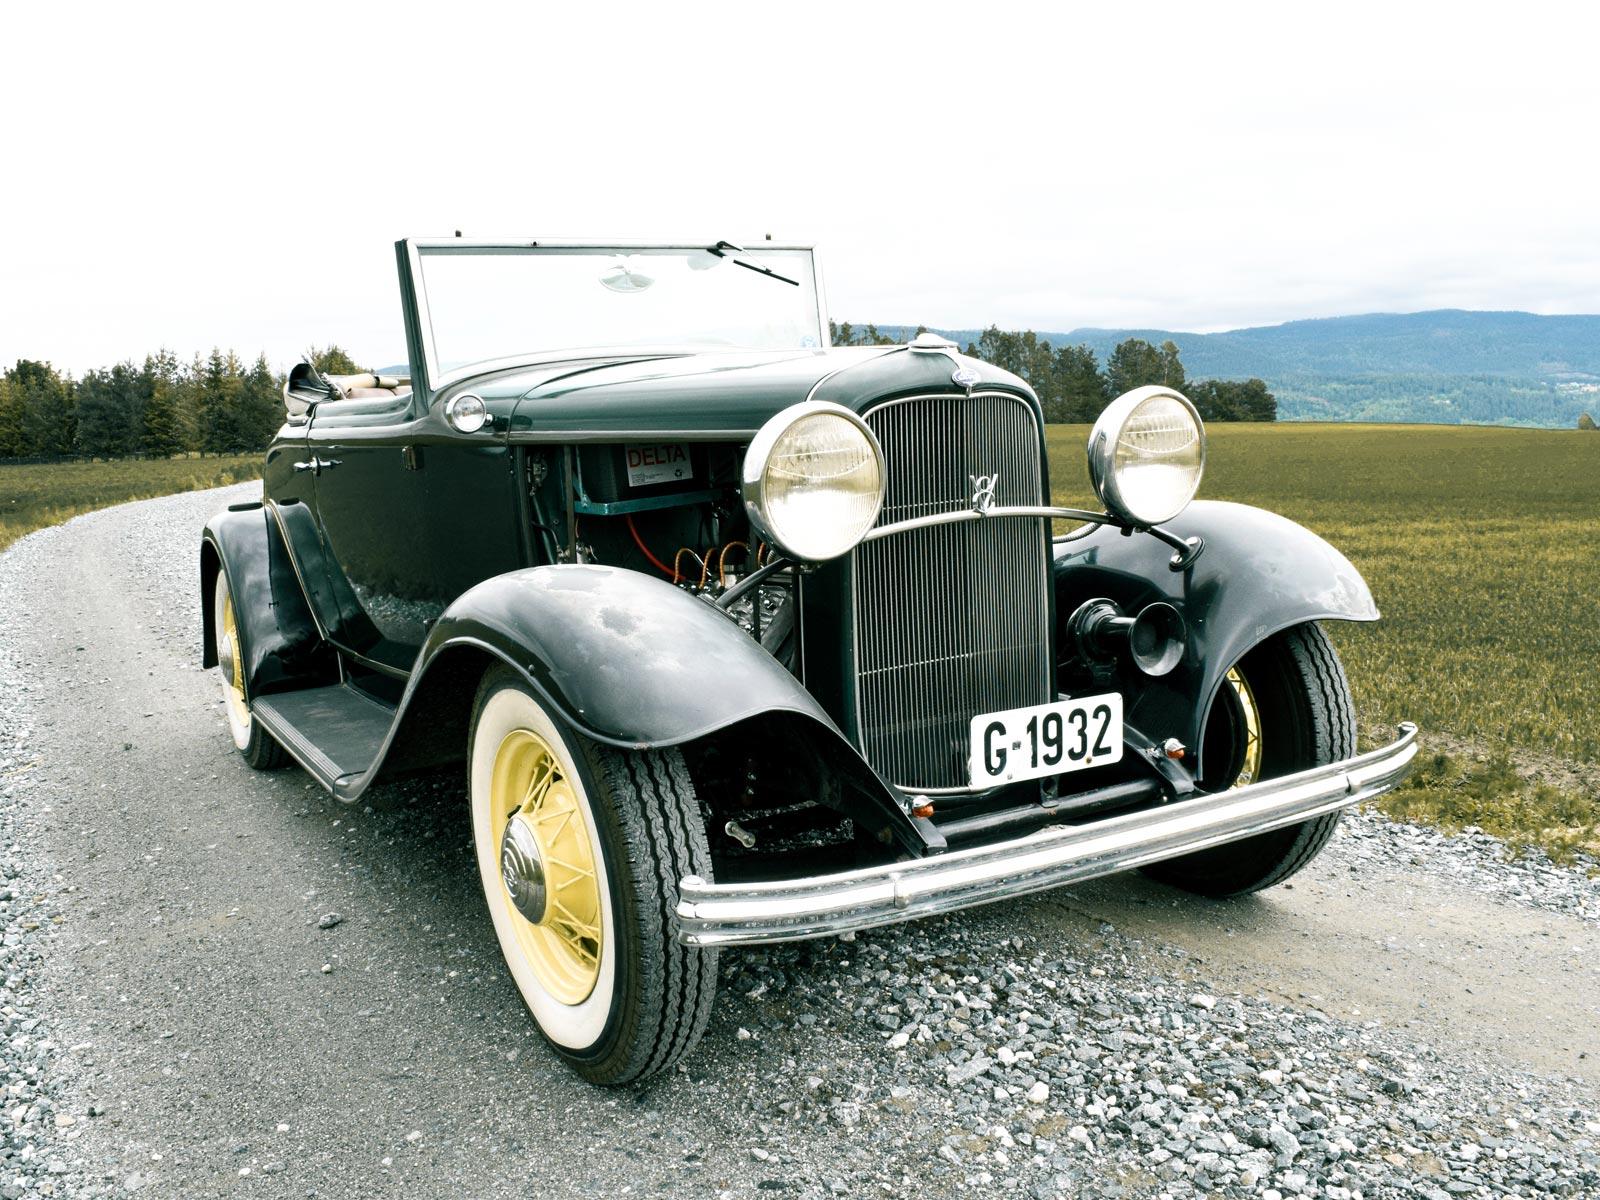 Ford B V8 Cabriolet 1932 modell.